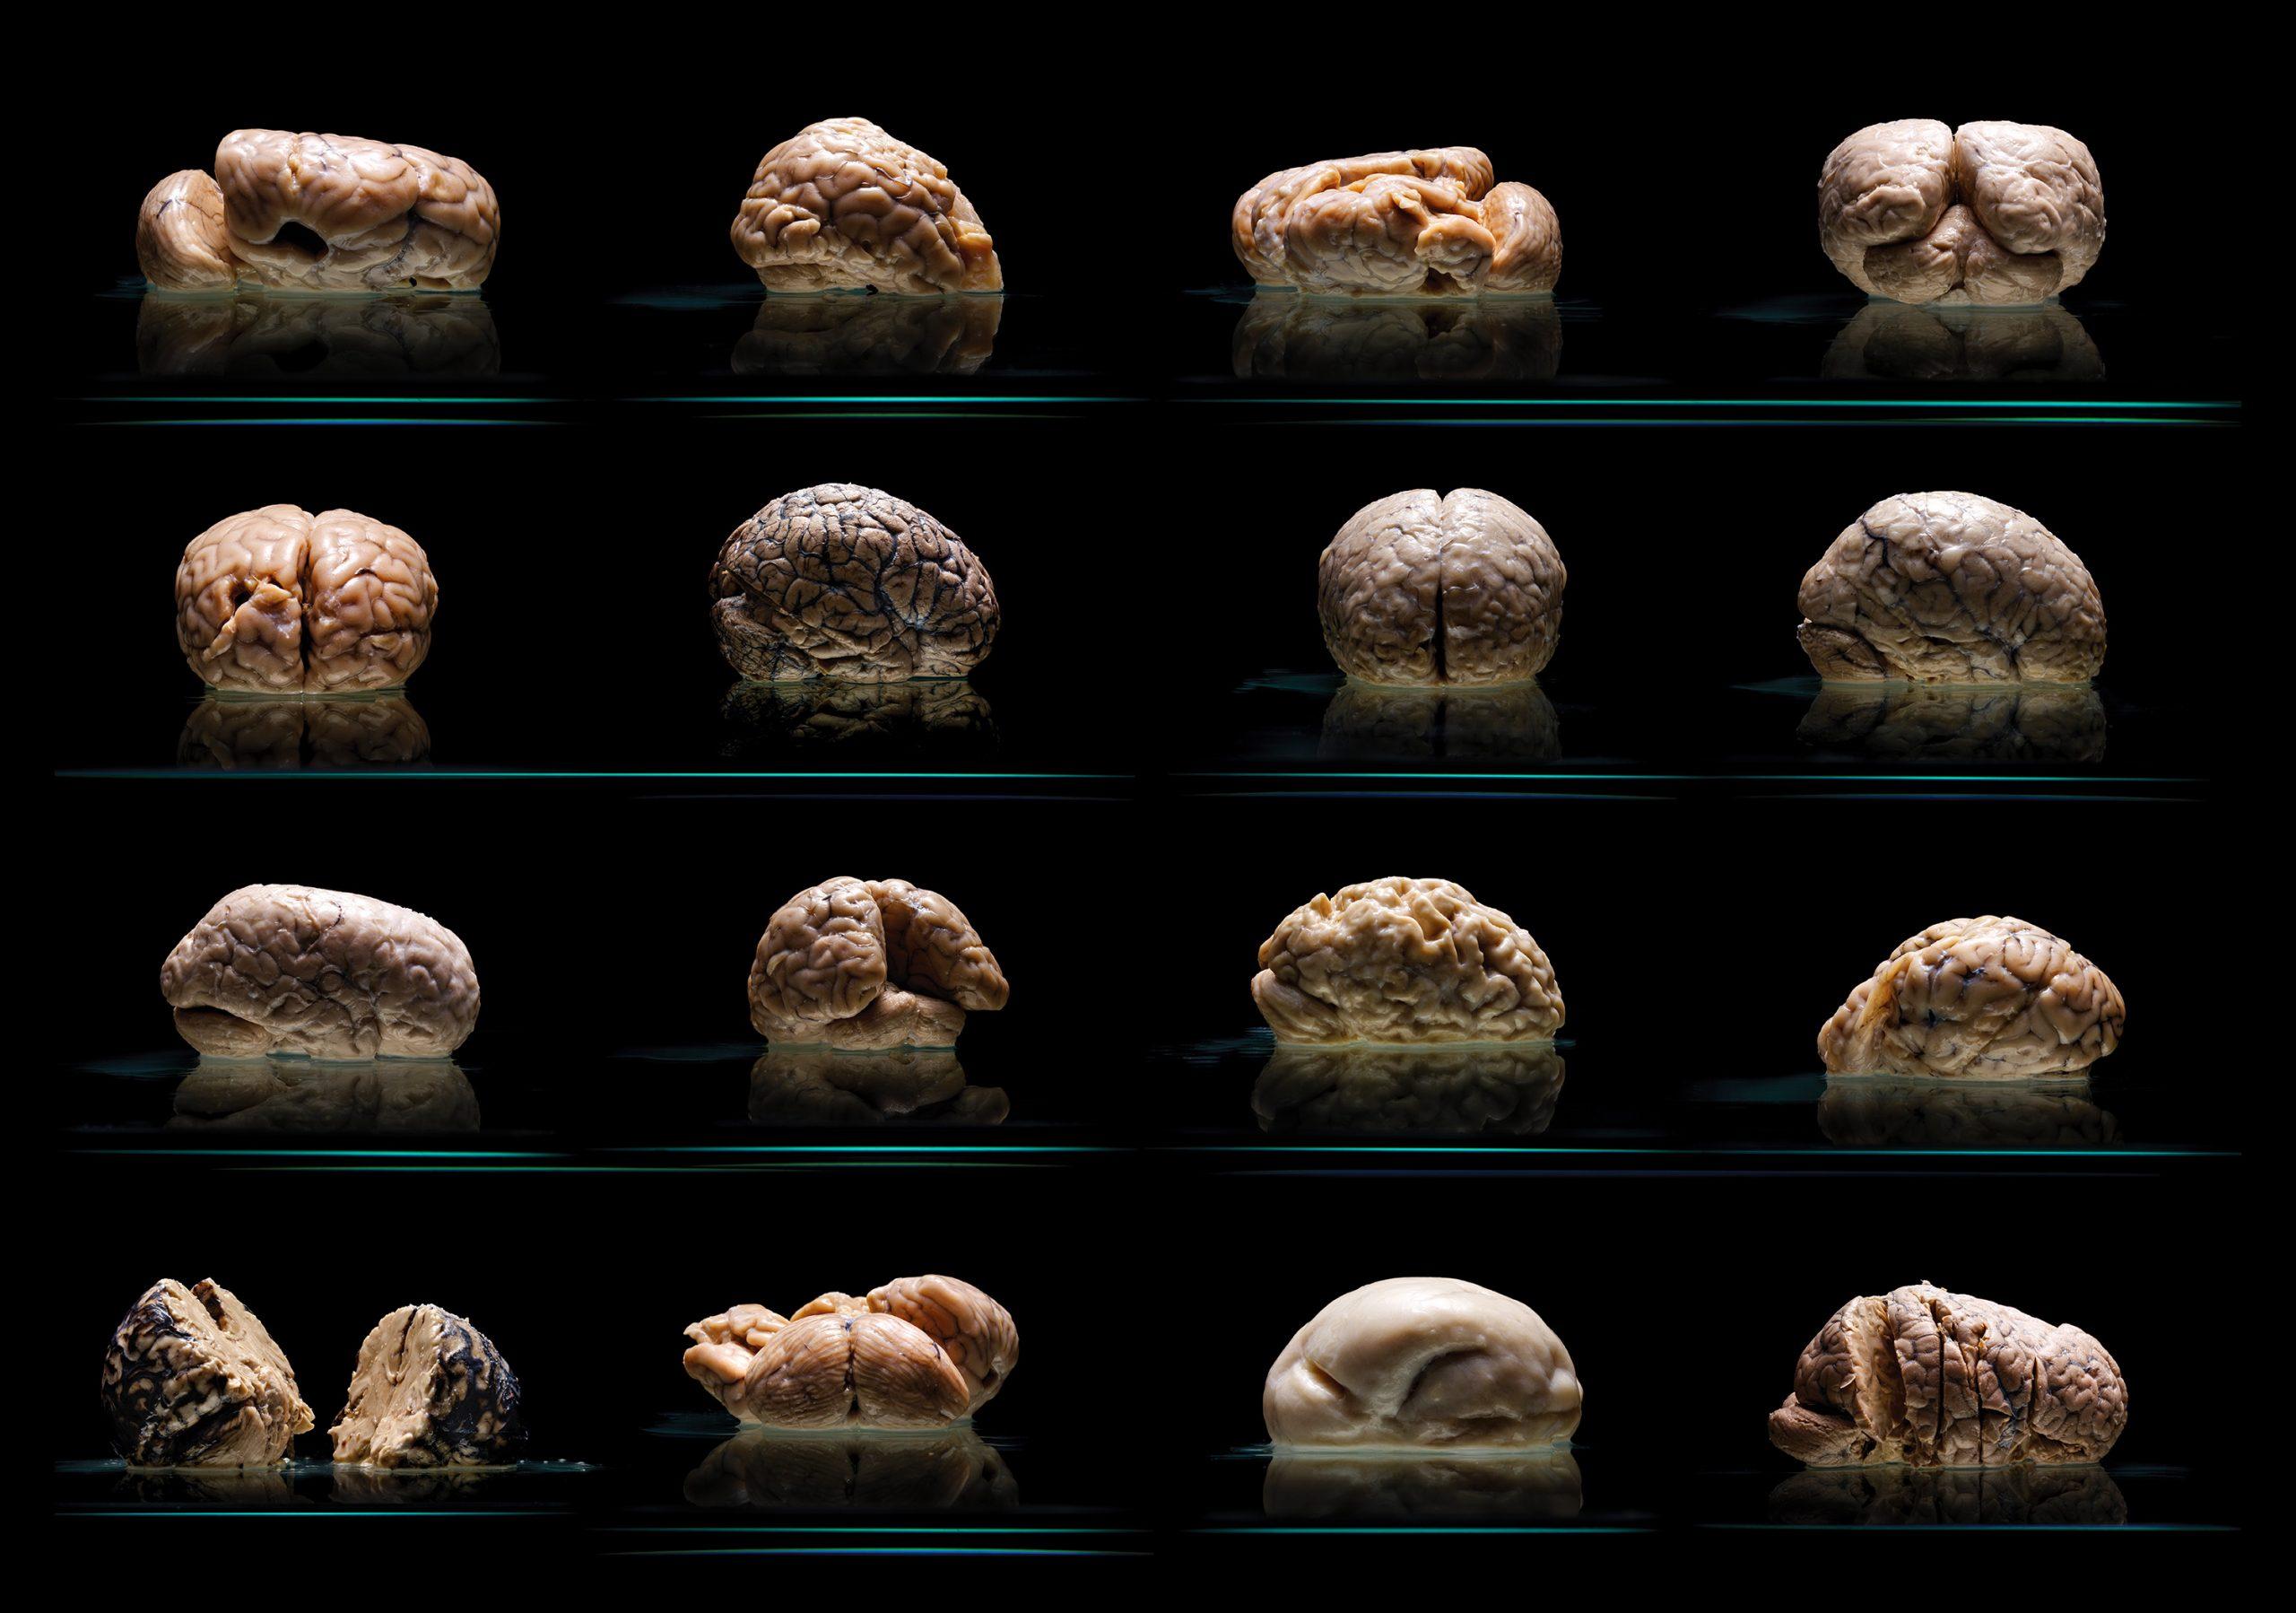 世界最大級の貴重な脳のコレクション